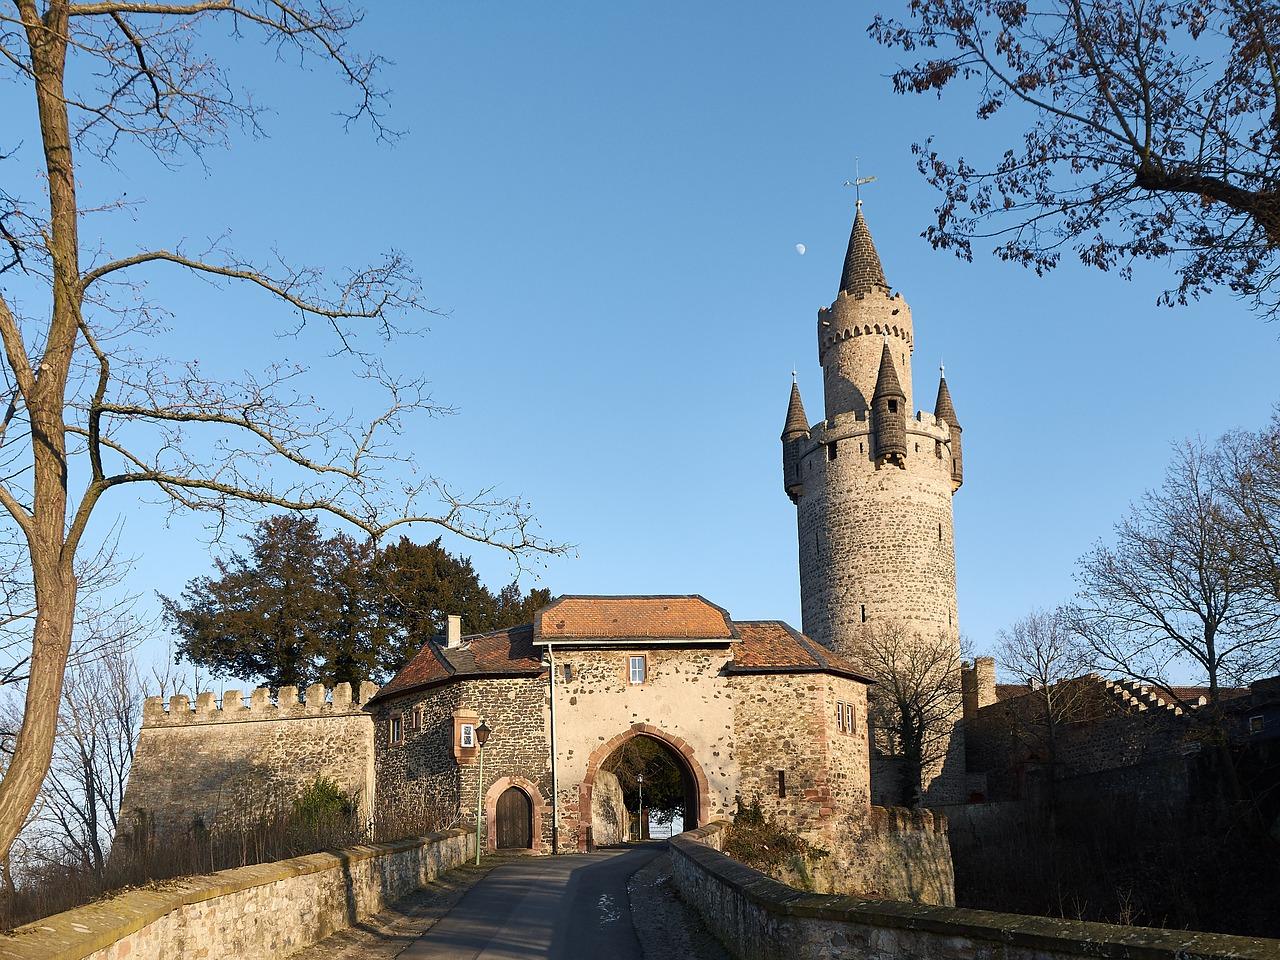 Castelo de Friedberg.